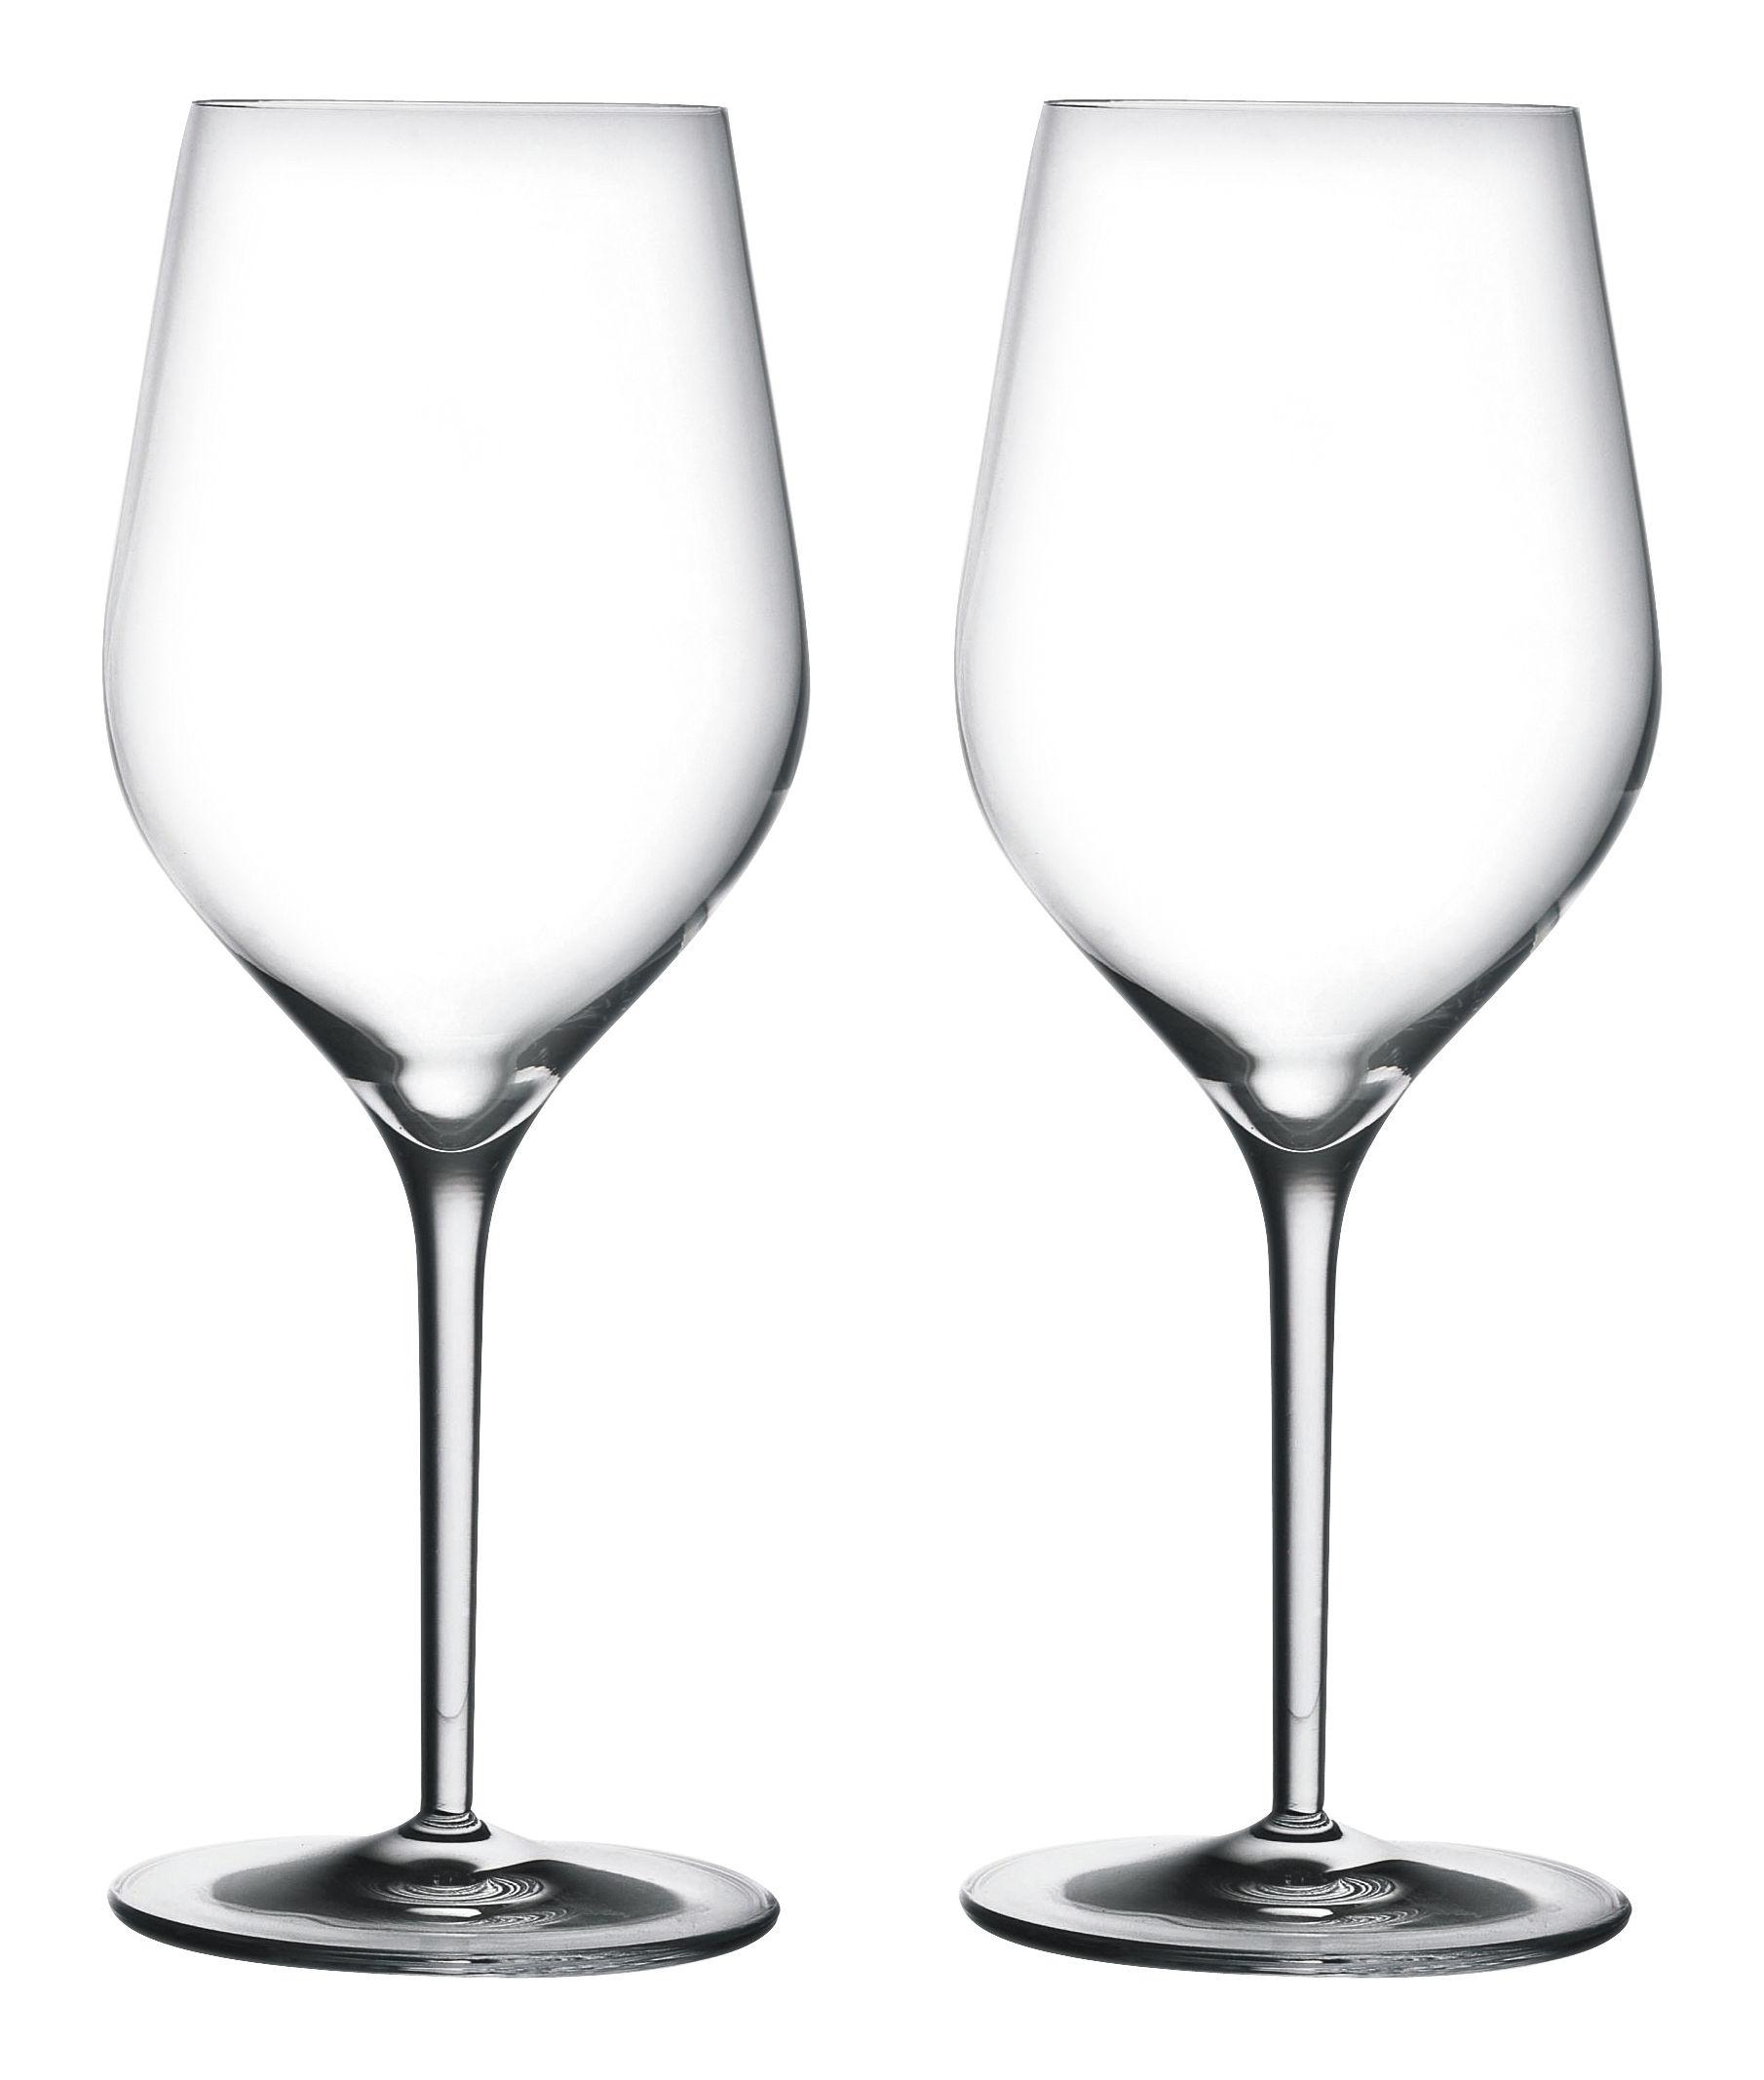 Arts de la table - Verres  - Verre à vin Good Size n° 3 / Pour Bourgogne - L'Atelier du Vin - Transparent - Verre soufflé